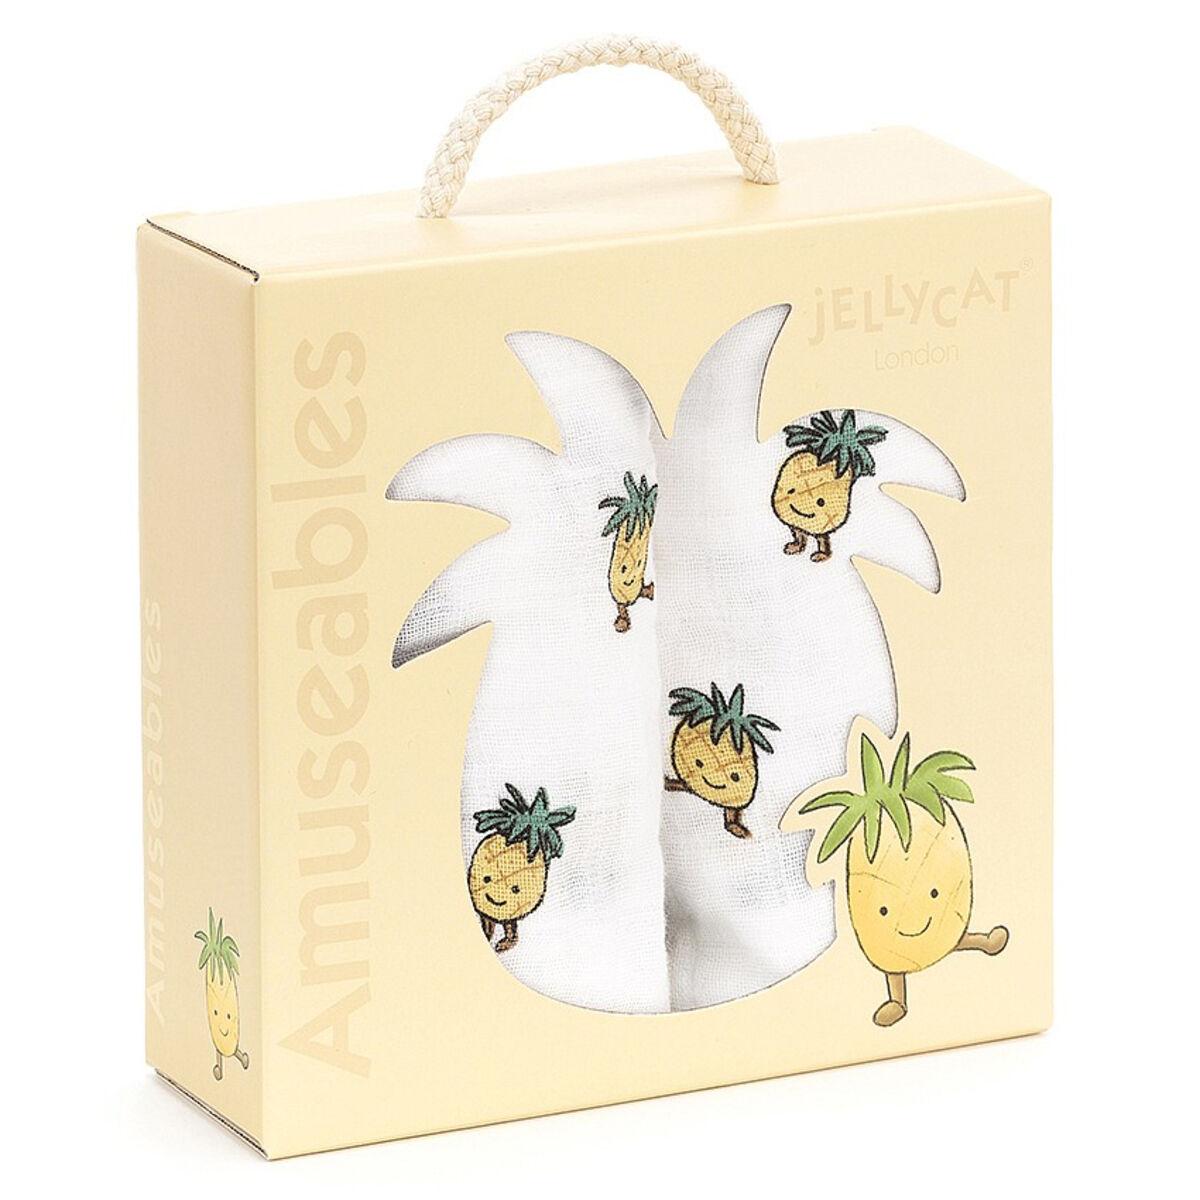 Little Jellycat Coffret de 2 Langes - Amuseable Pineapple